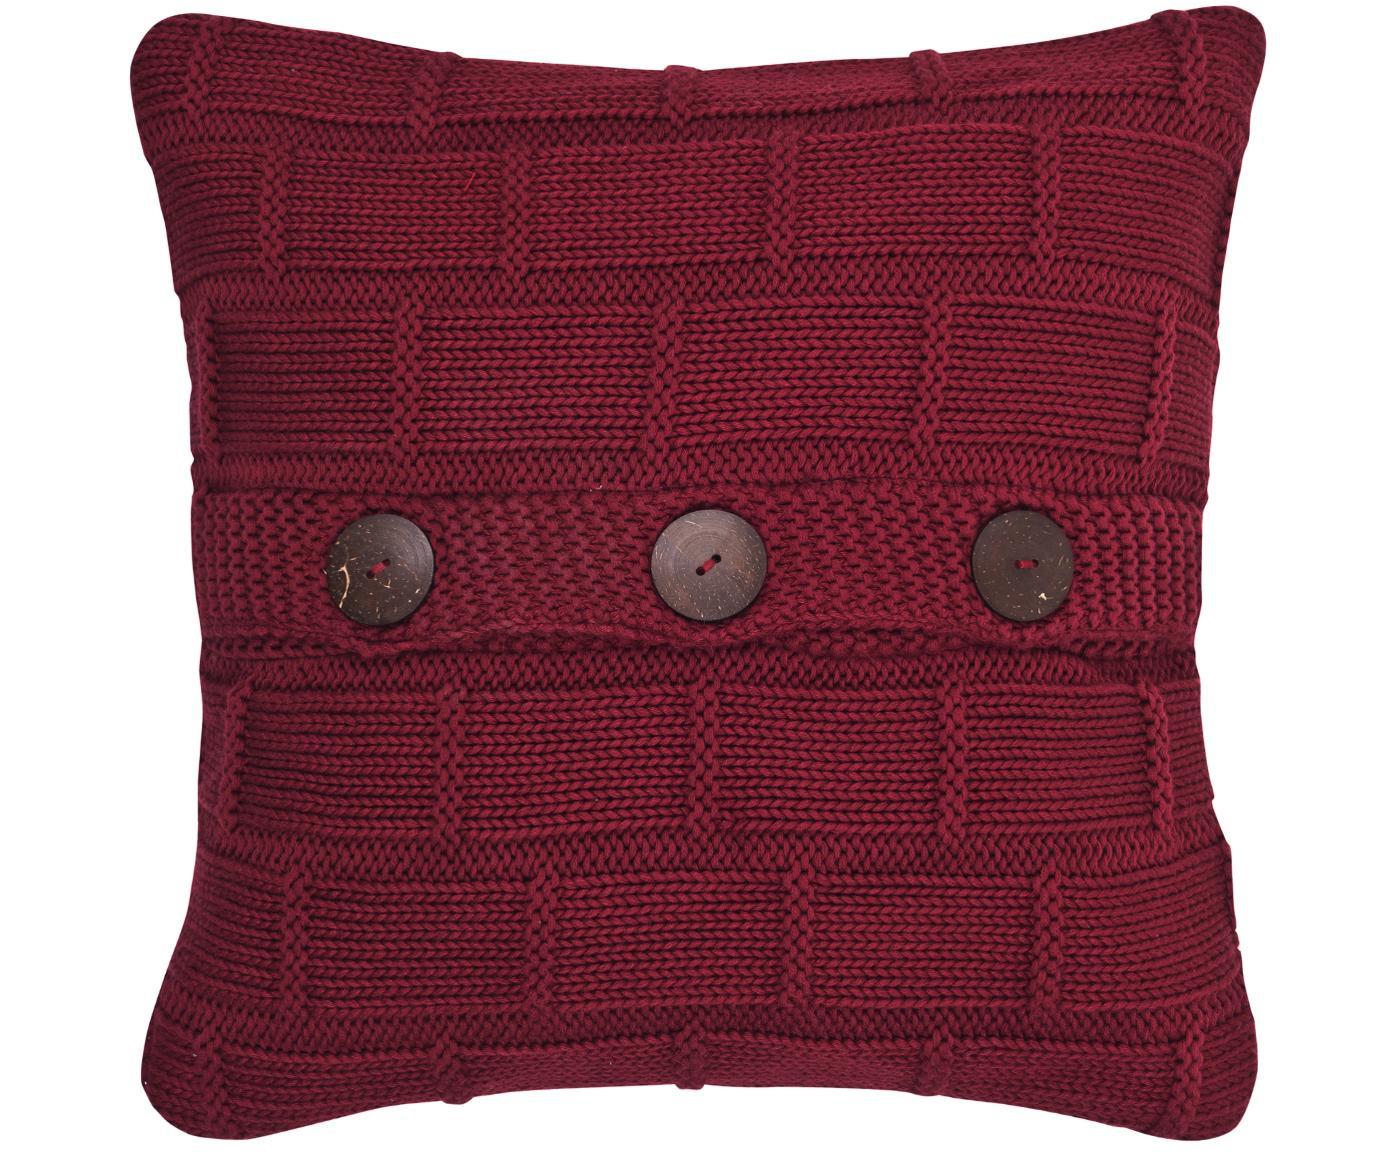 Dzianinowa poszewka na poduszkę Clara, 100% bawełna Guziki z drewna naturalnego, Czerwony, S 40 x D 40 cm